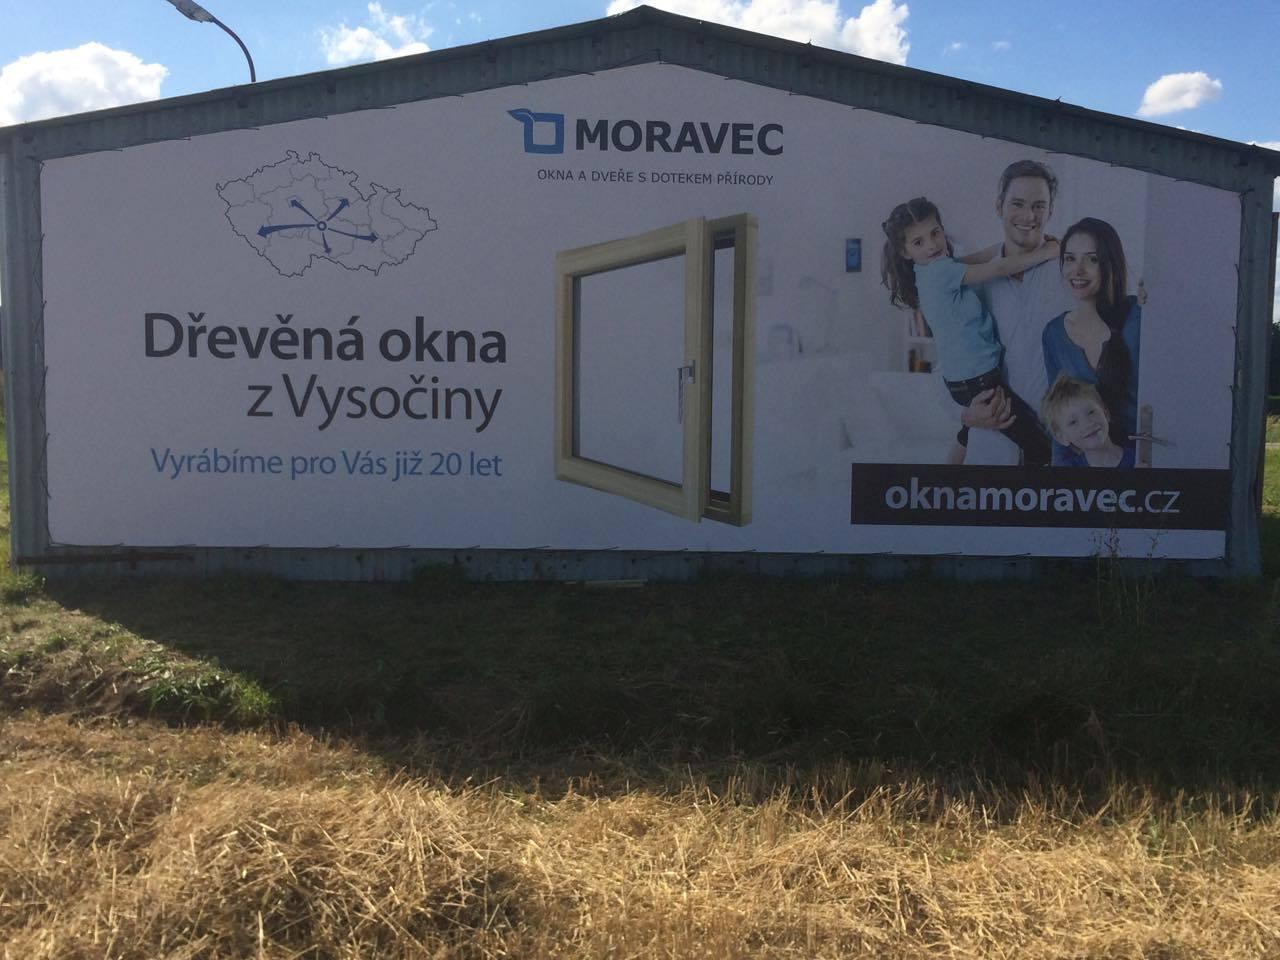 Montáž reklamního banneru, Sedliště